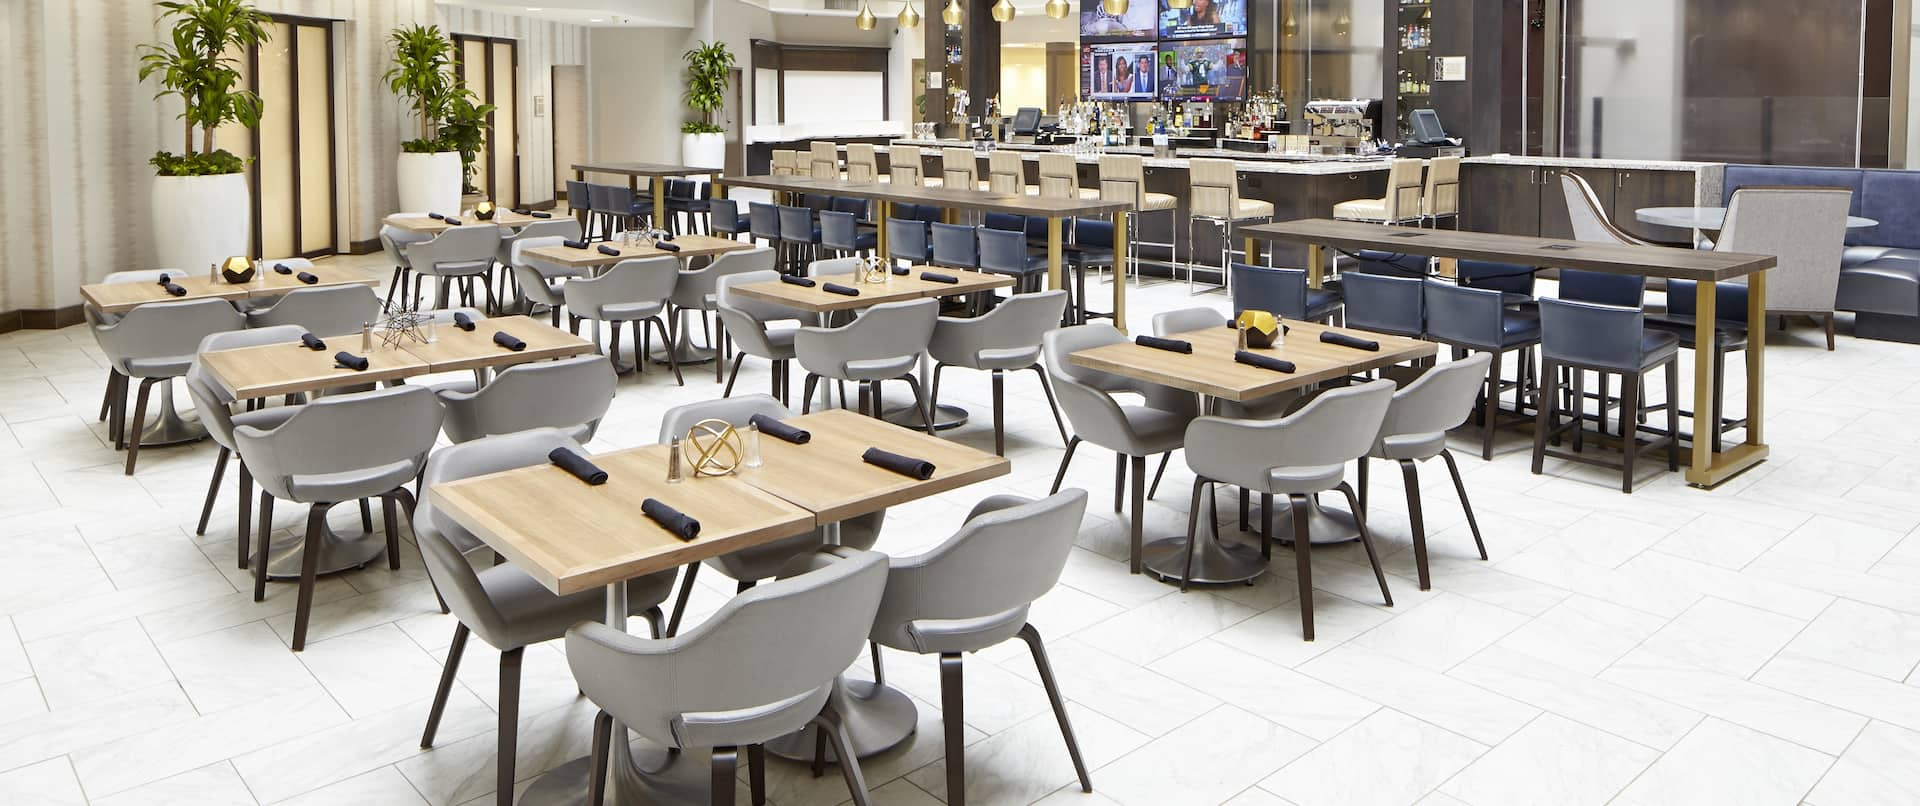 E'terie Restaurant Seating